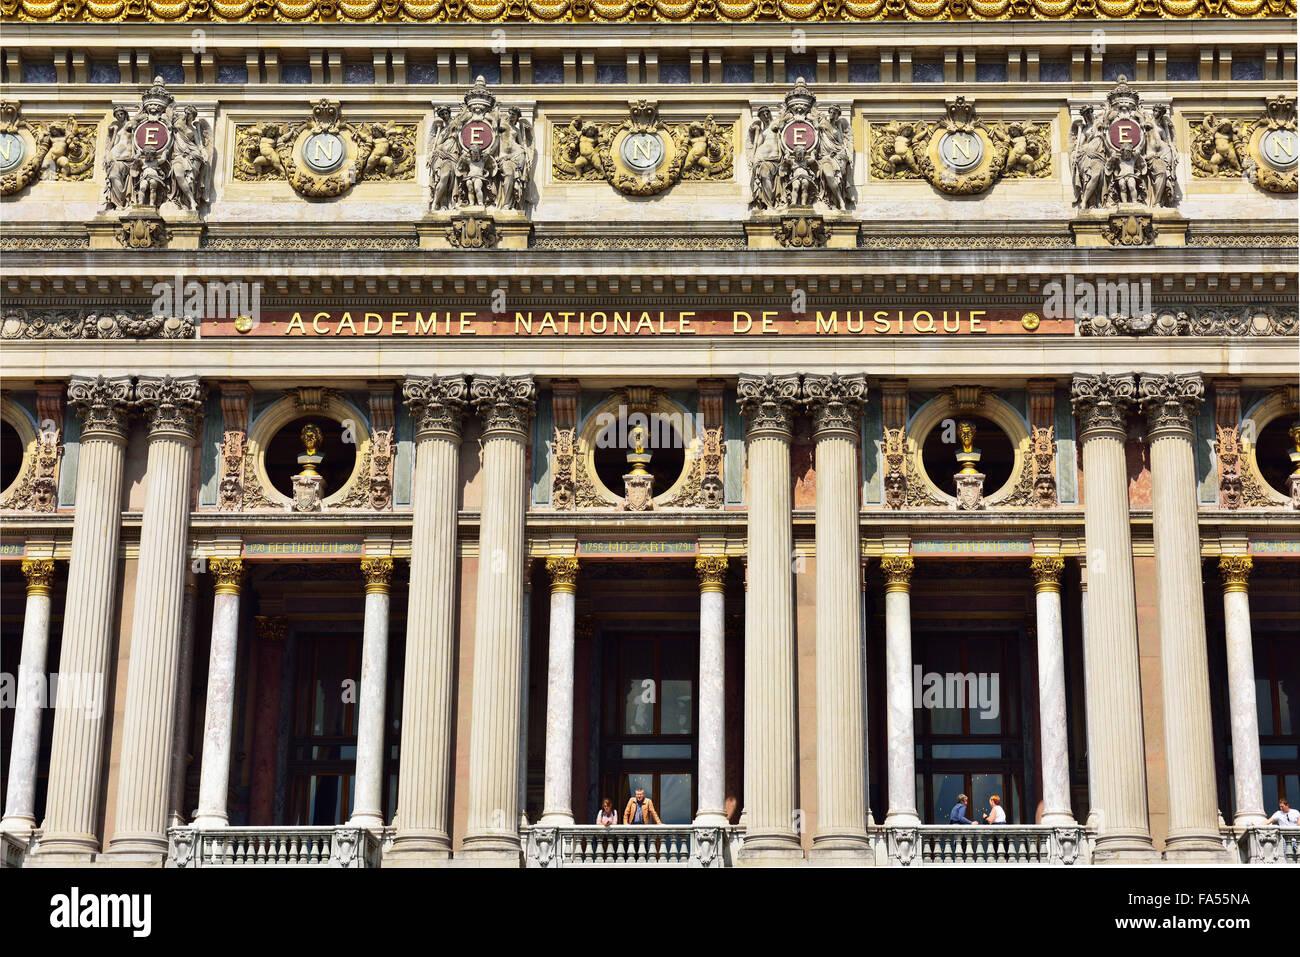 Columns, fassade main entrance Opéra de Garnier with busts, musicians, Paris, Ile De Fance, France - Stock Image